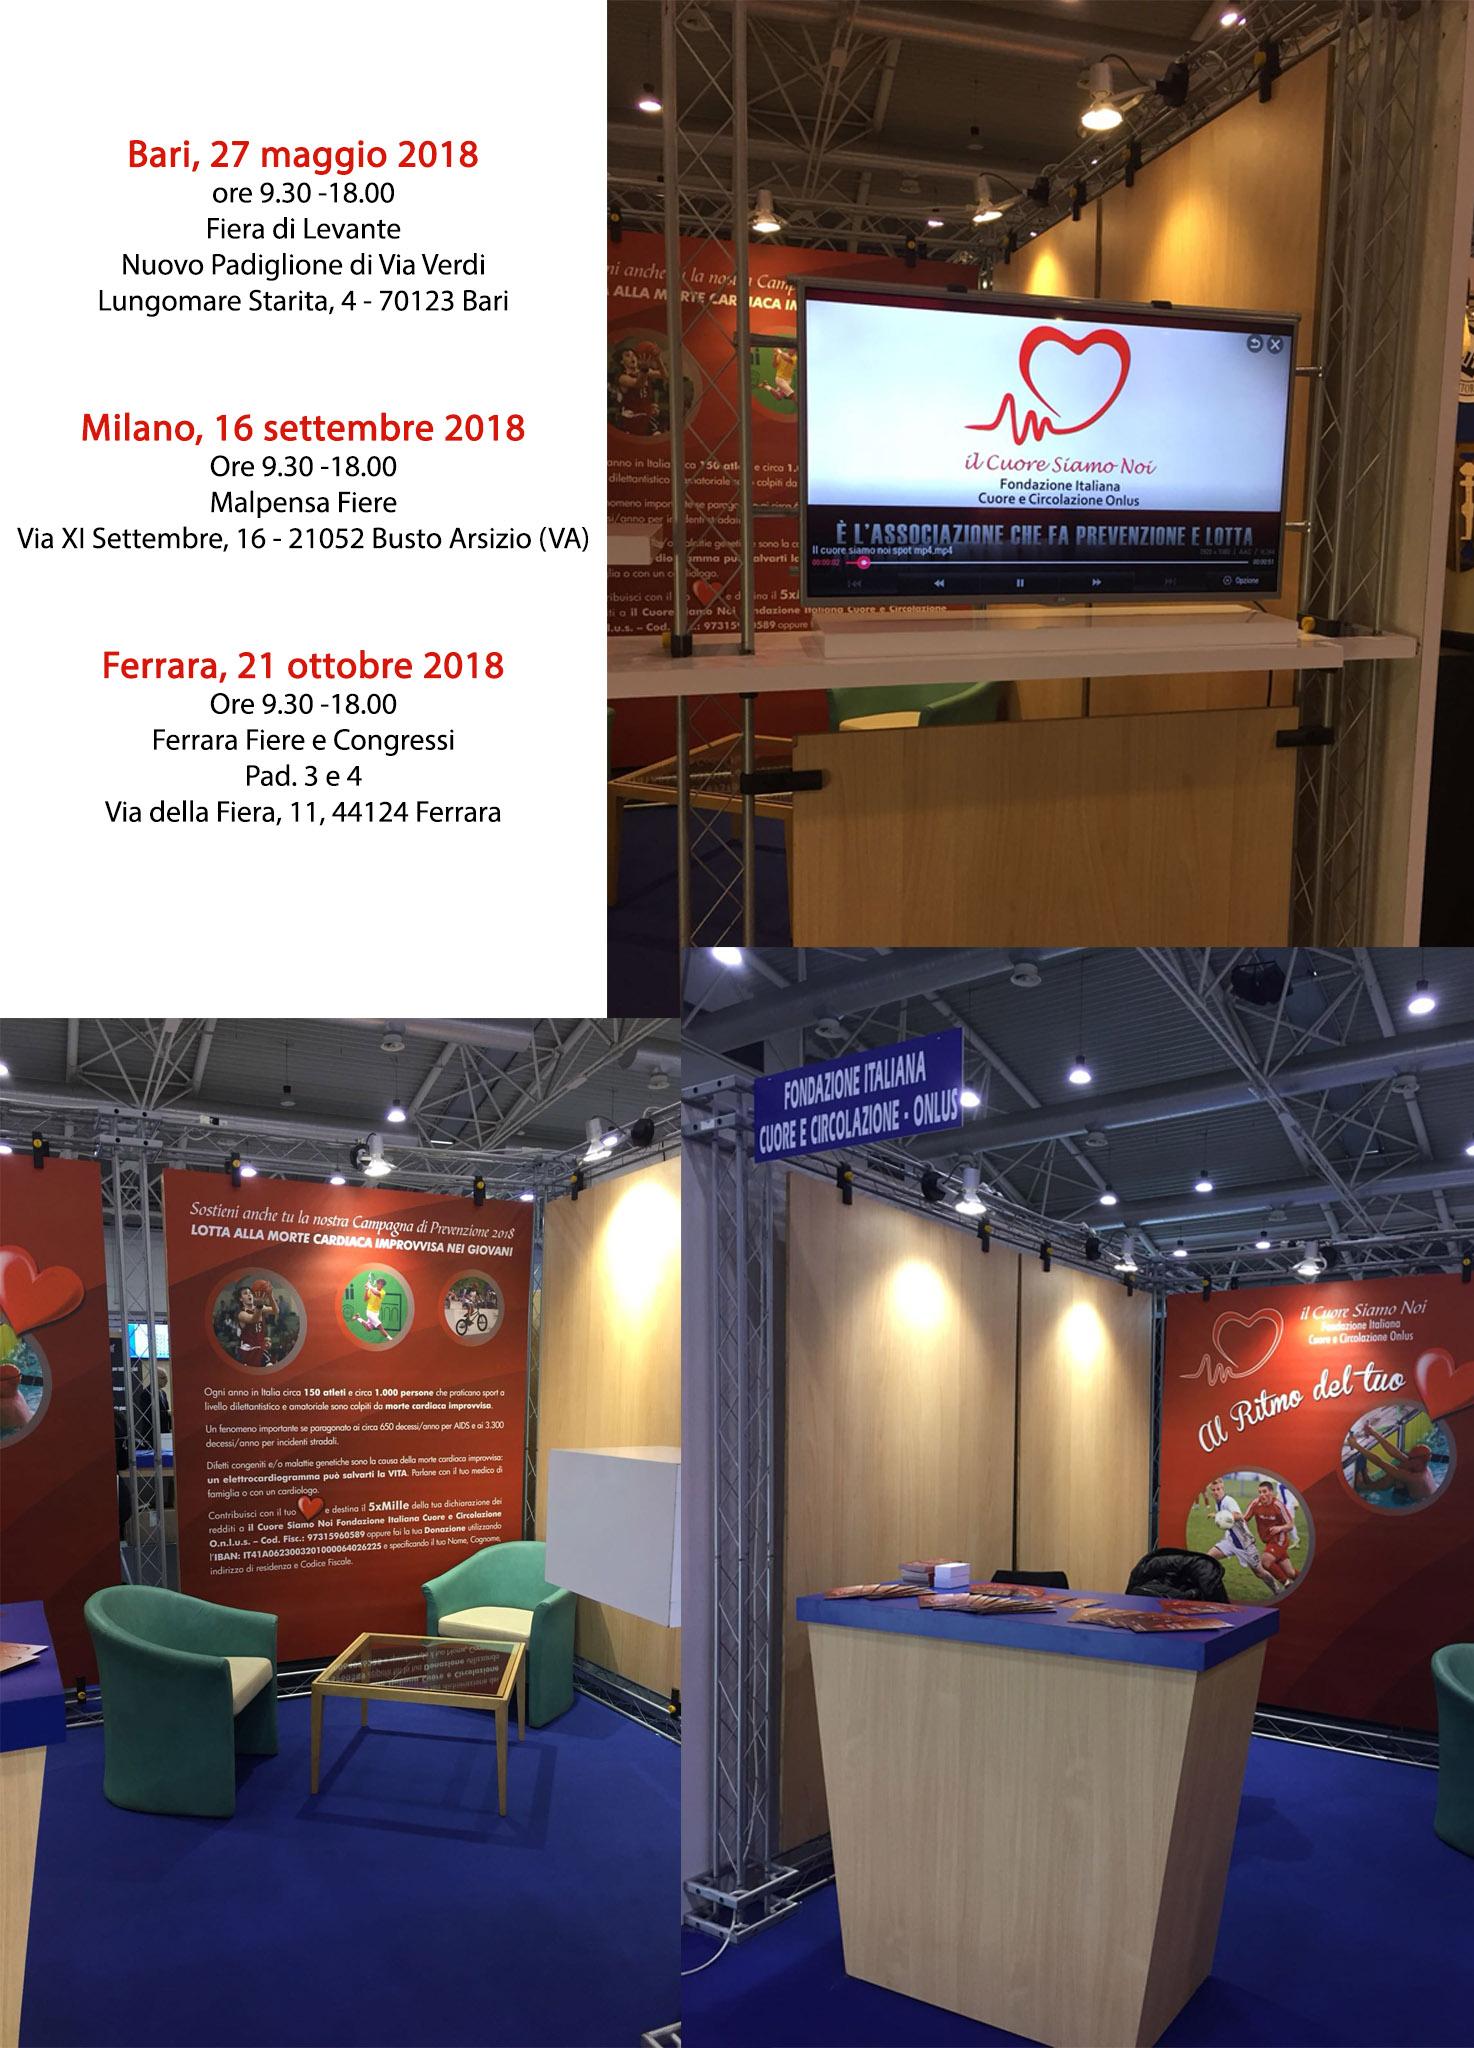 Prossime fiere – Bari, 27 maggio 2018 – Milano, 16 settembre 2018 – Ferrara, 21 ottobre 2018